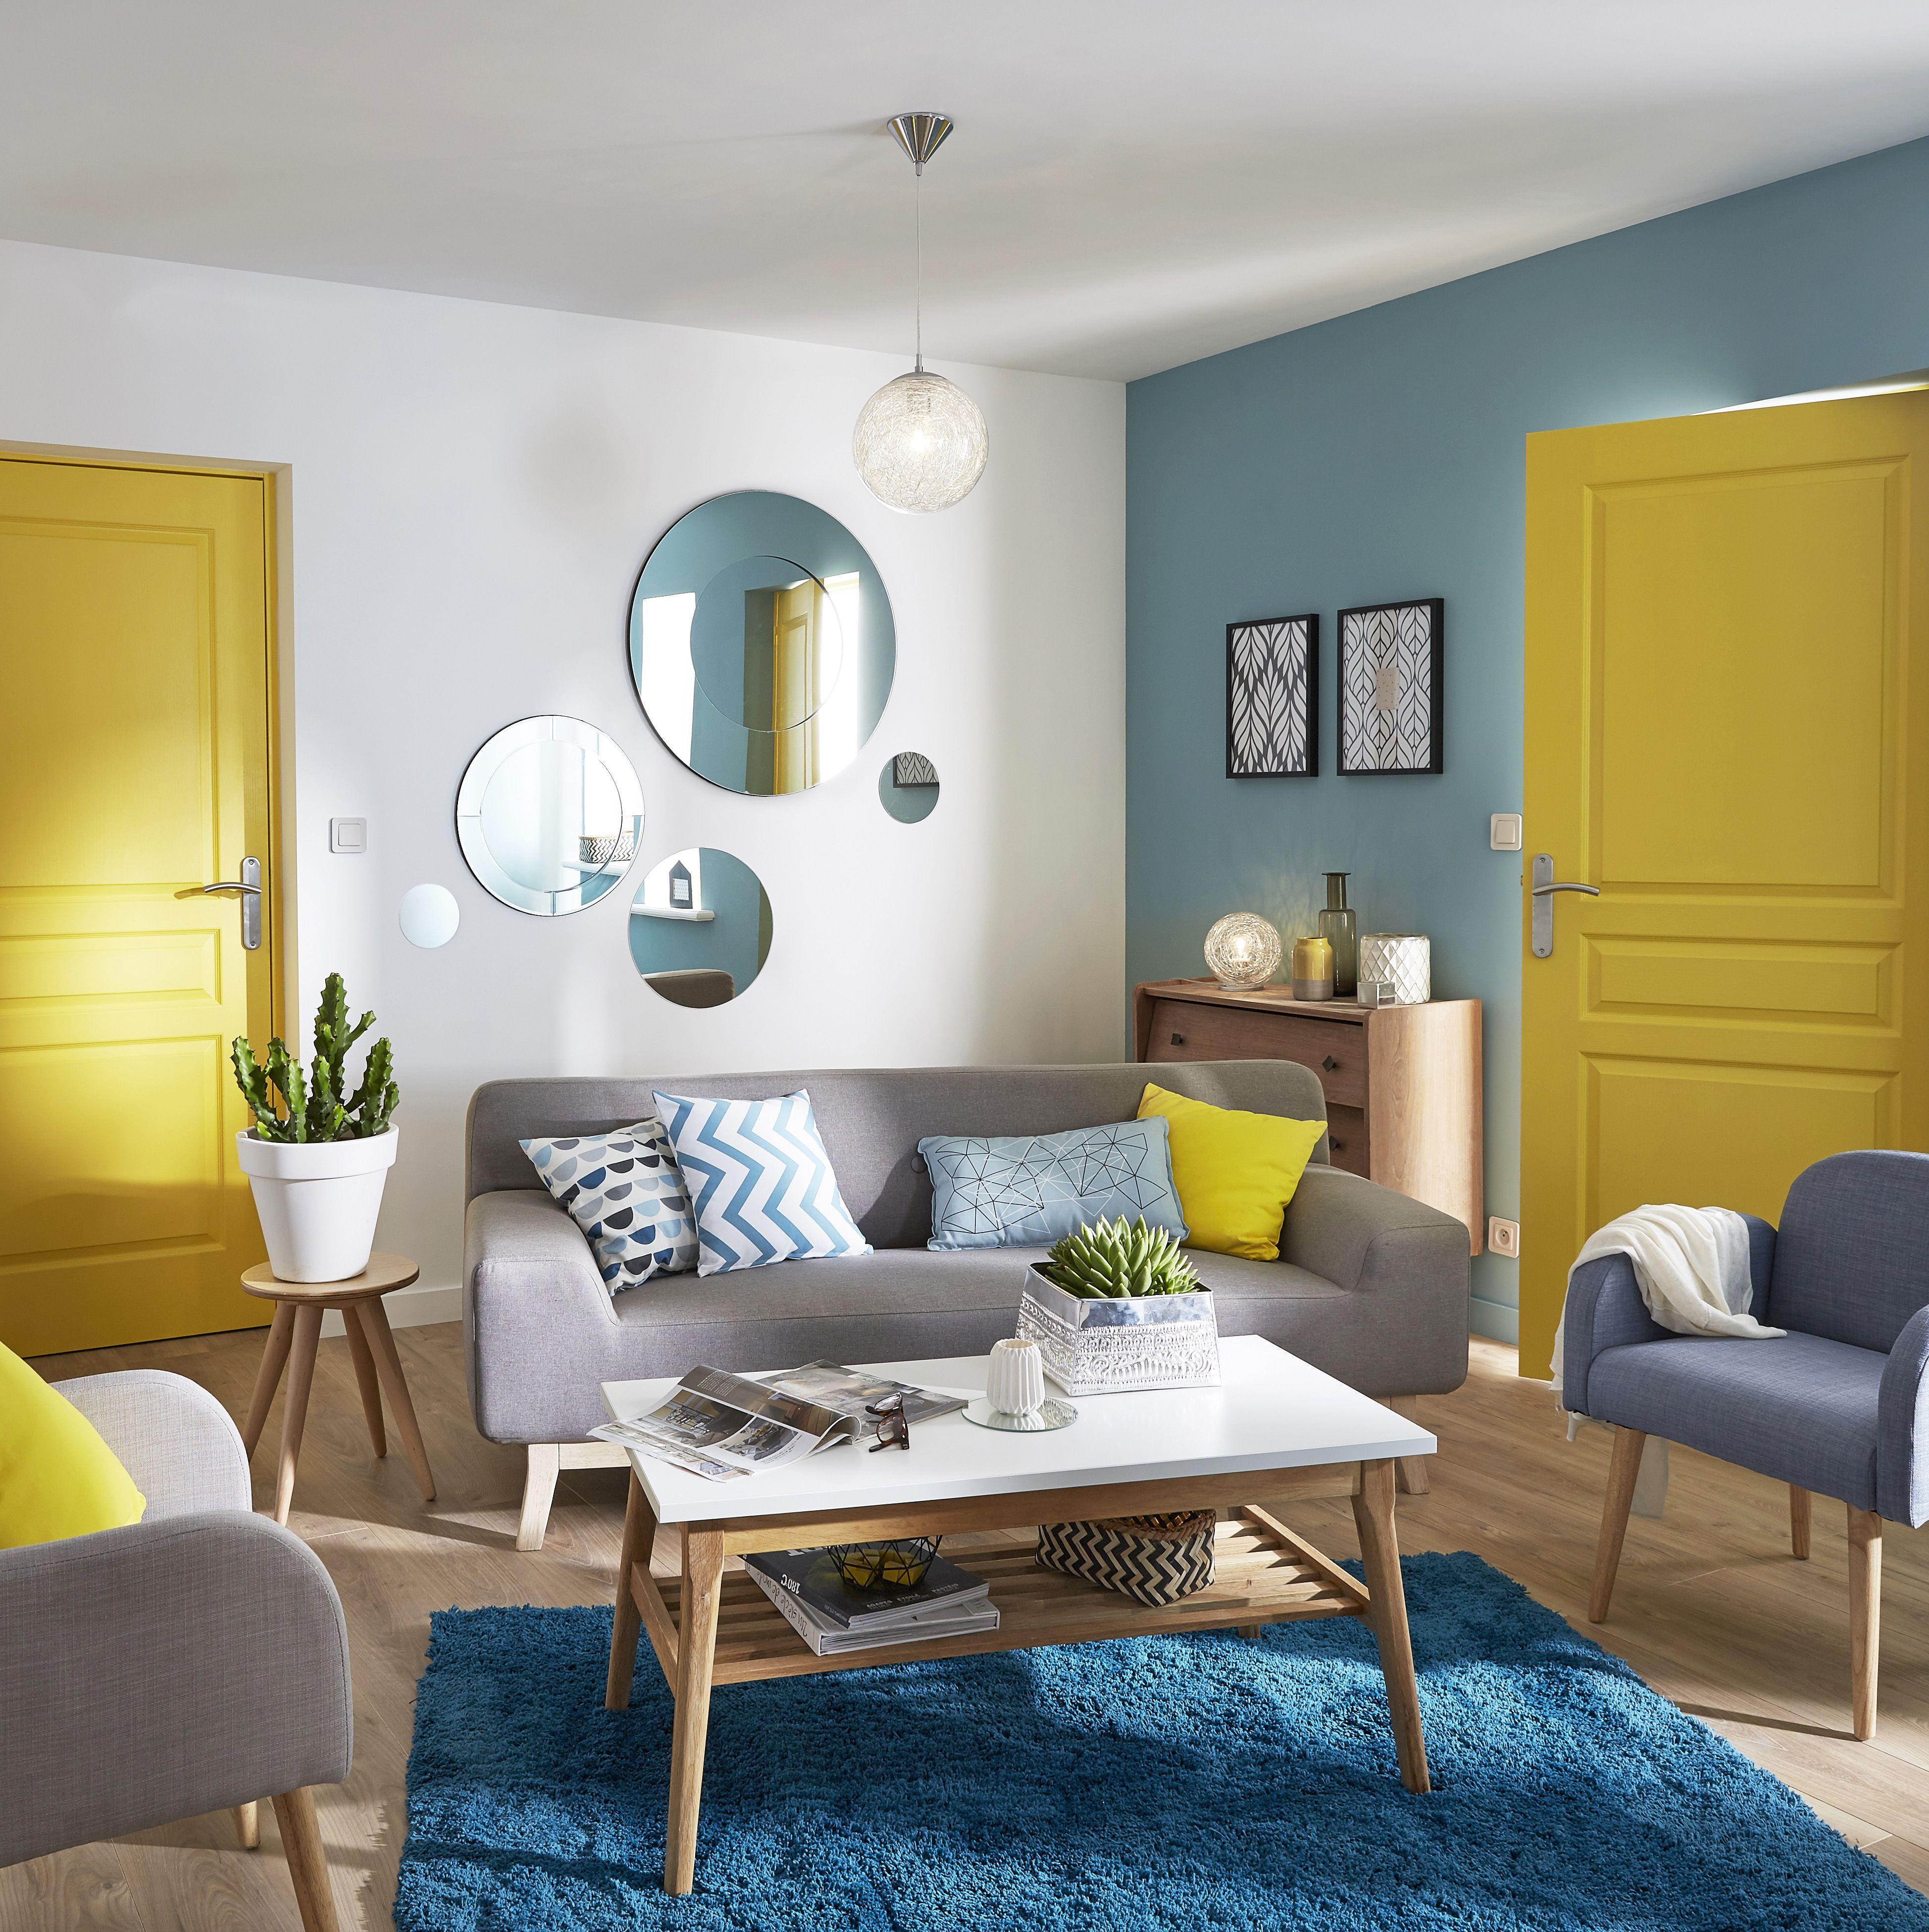 Un Salon Eblouissant Lumiere Couleur Et Bonne Humeur Homedecor Deco Summer Living Room Decor Summer Living Room Living Room Color Schemes